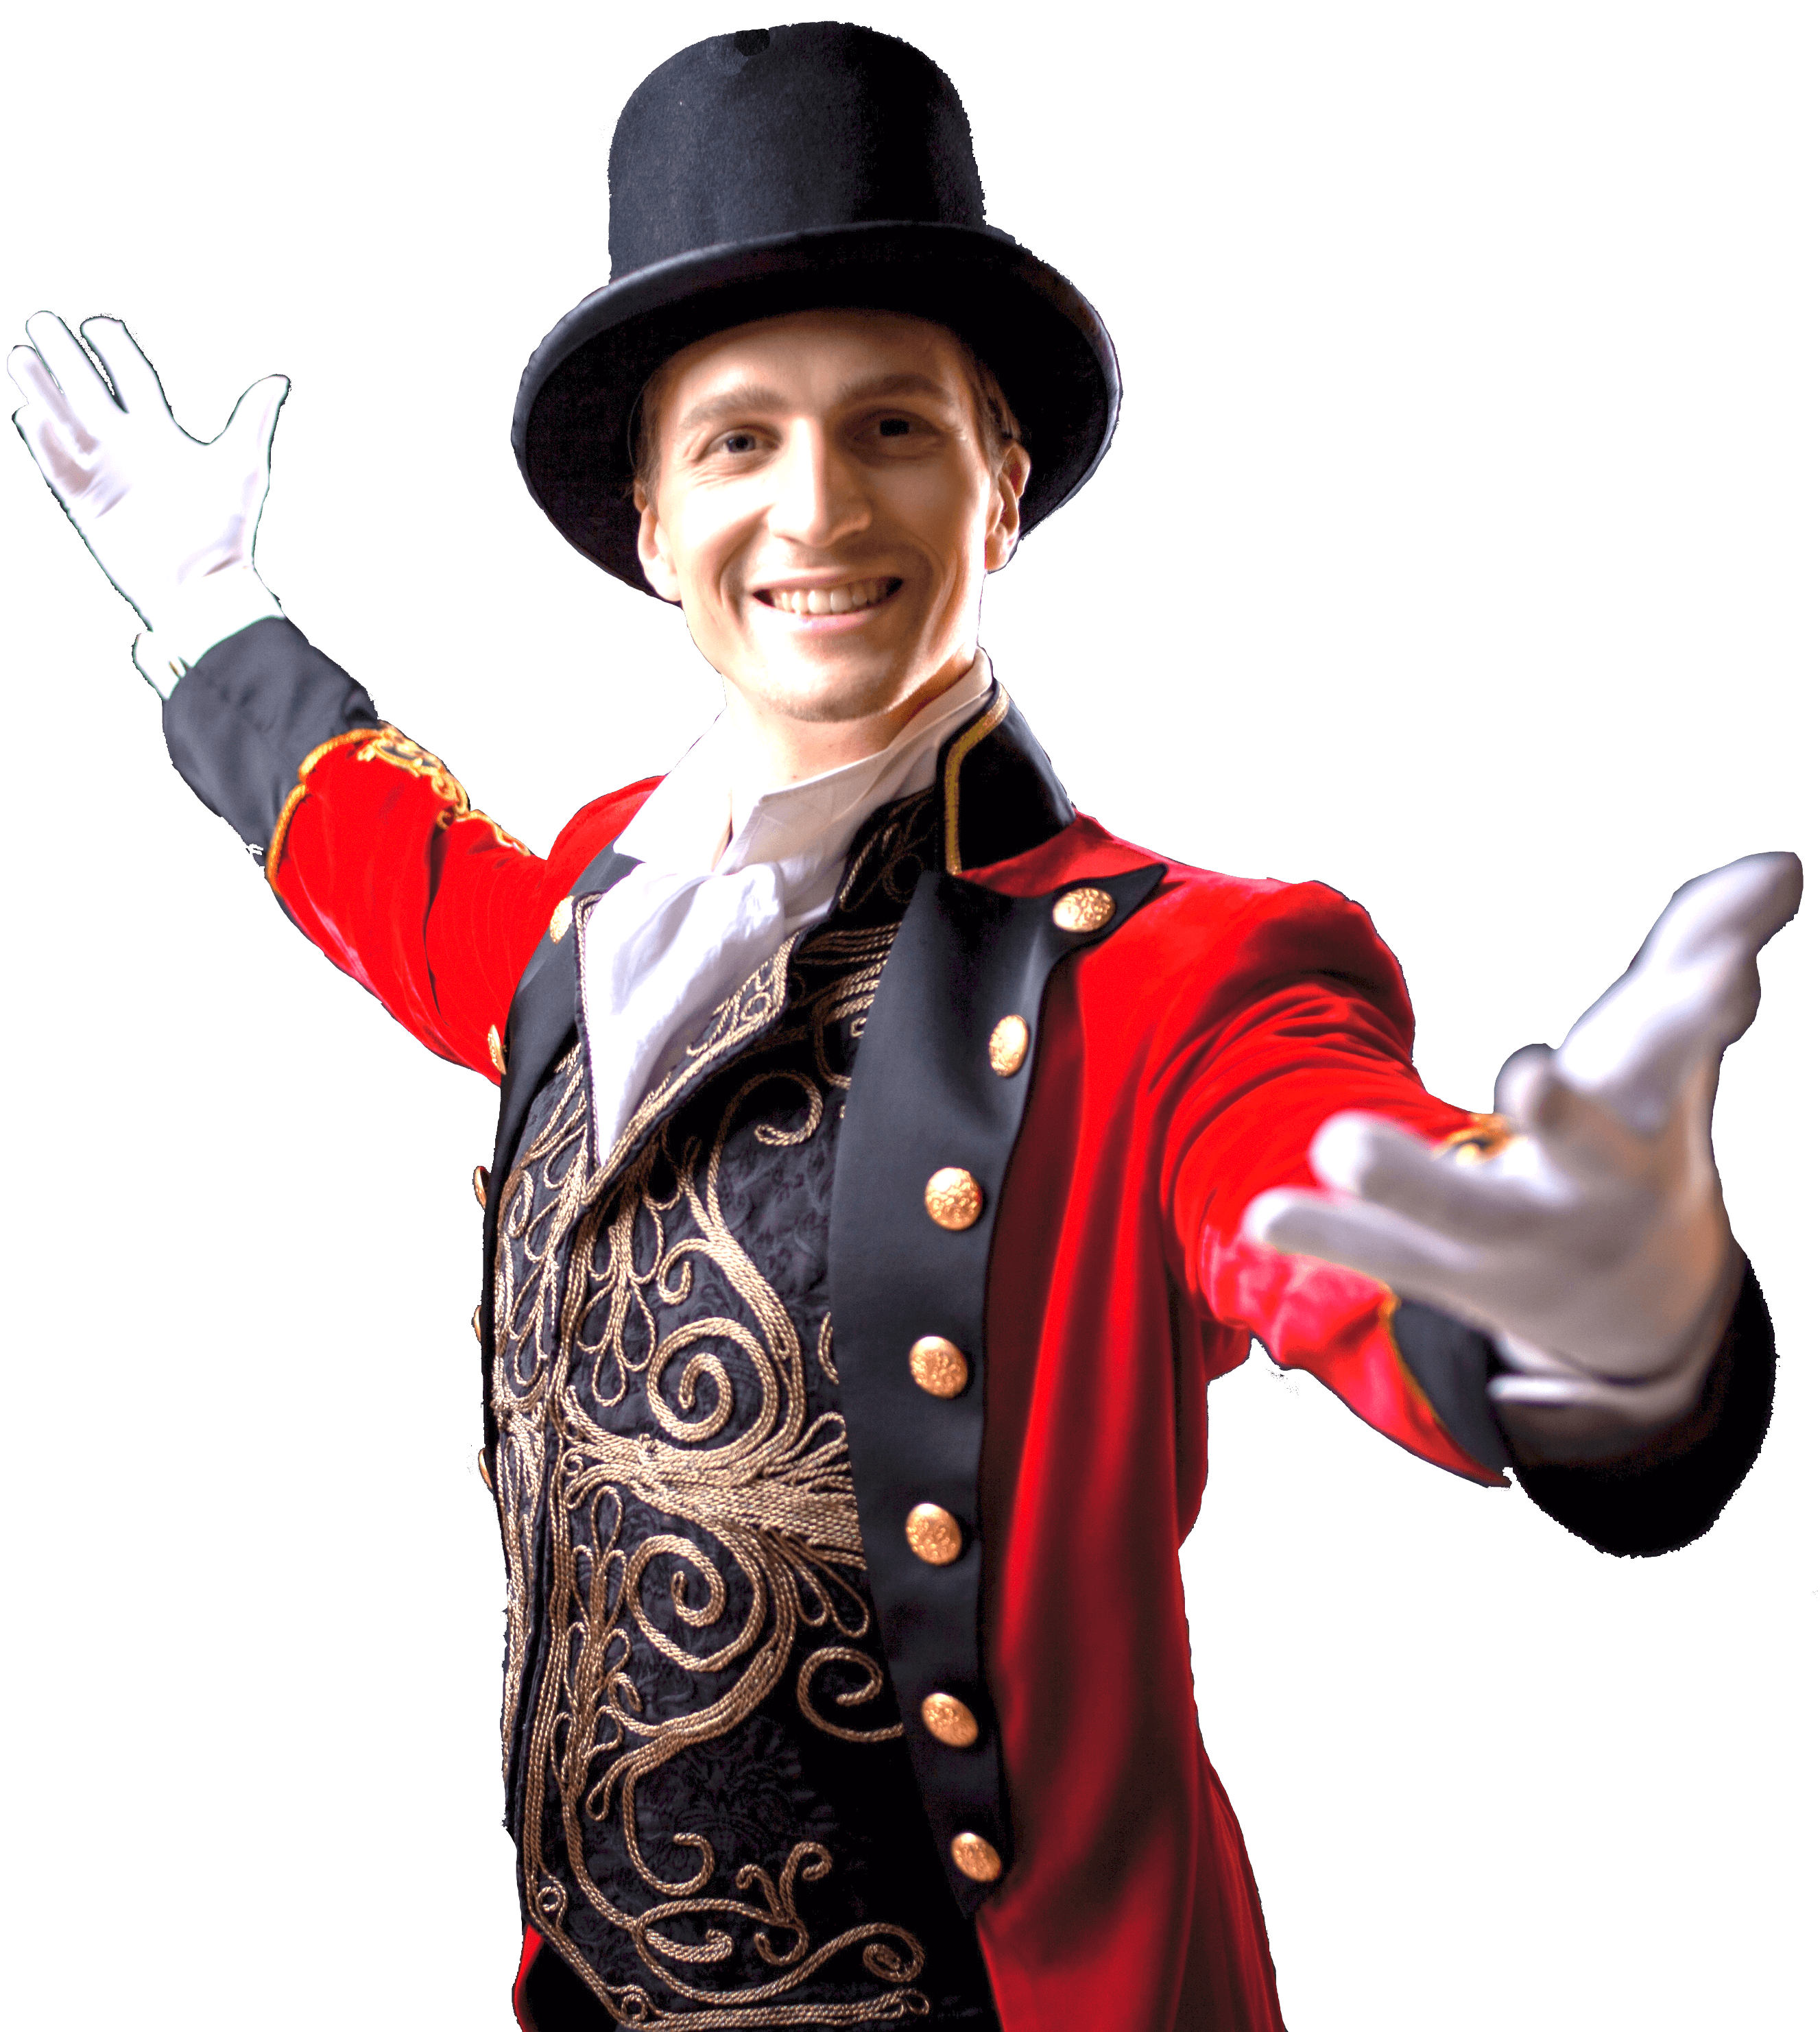 ההצגה הטובה ביותר בקמפוס - Young male entertainer, presenter or actor on stage